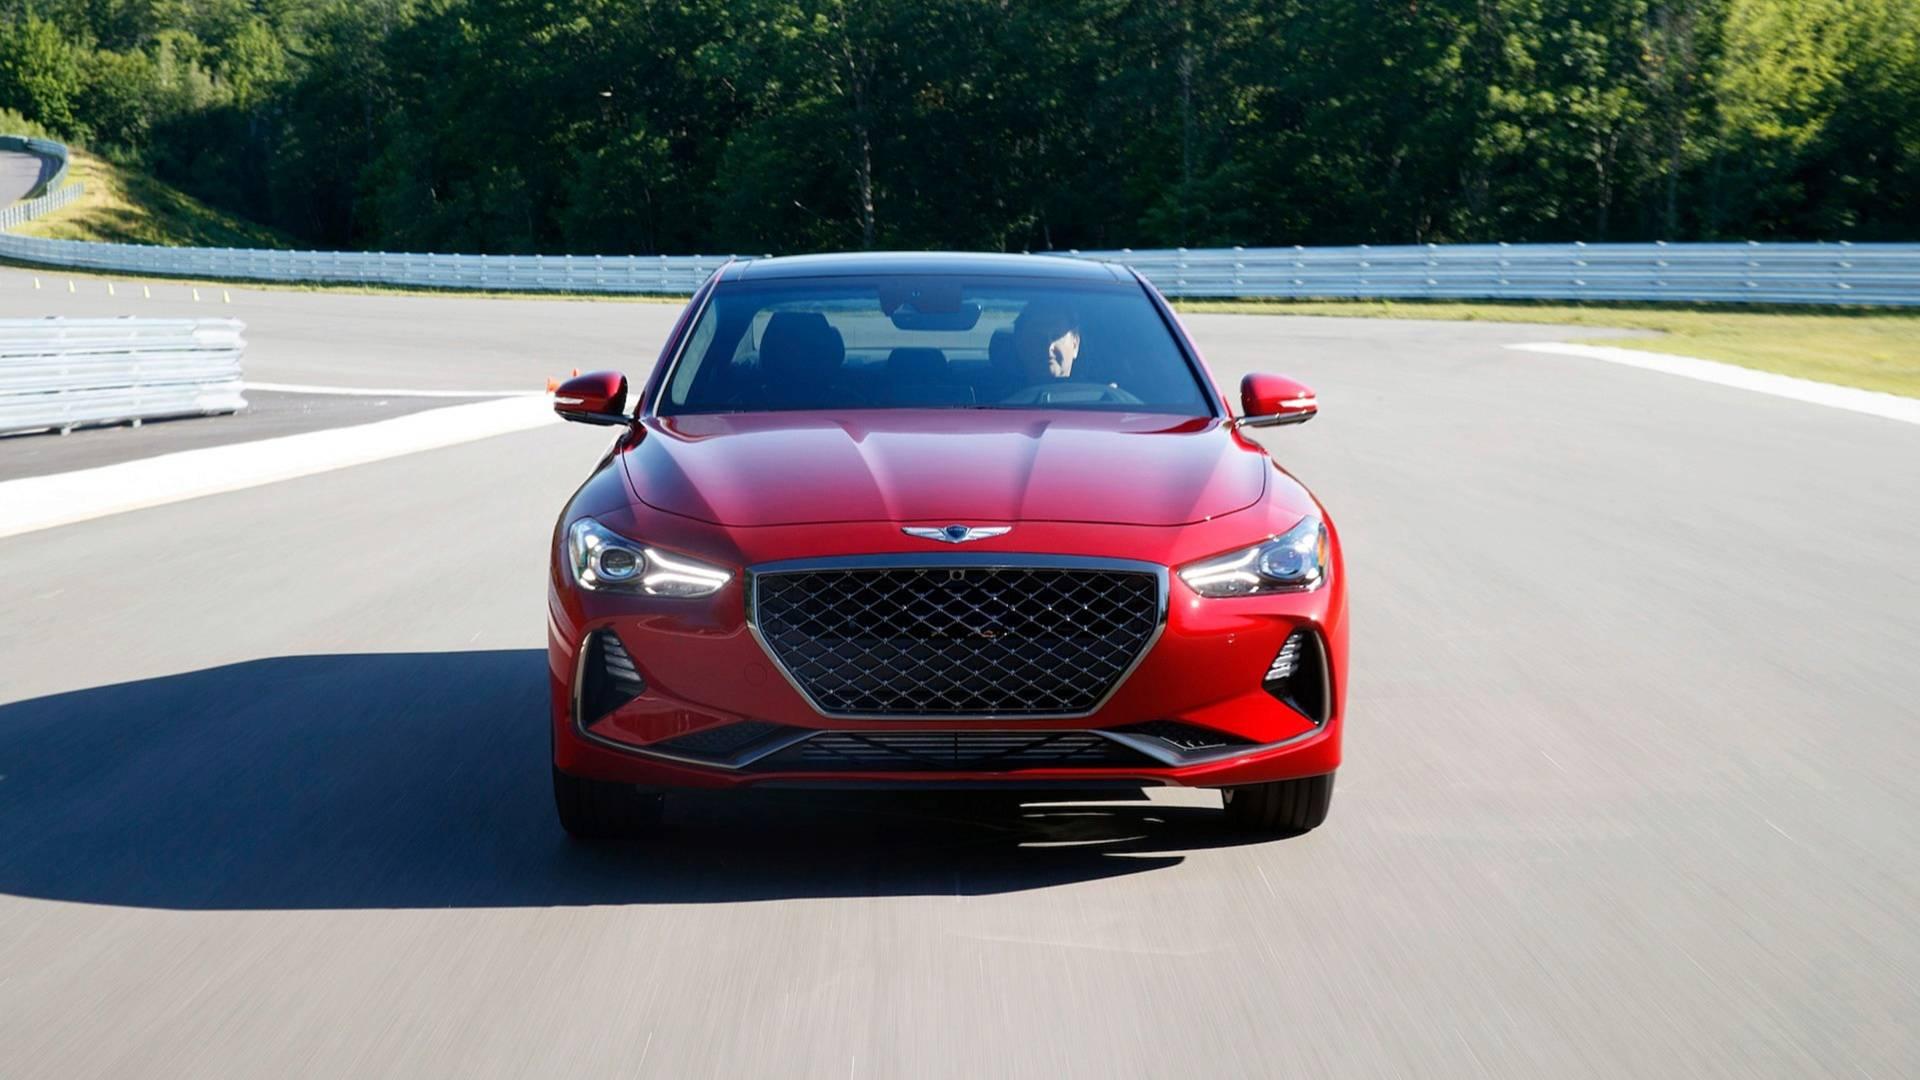 2019-genesis-g70-first-drive-10.jpg